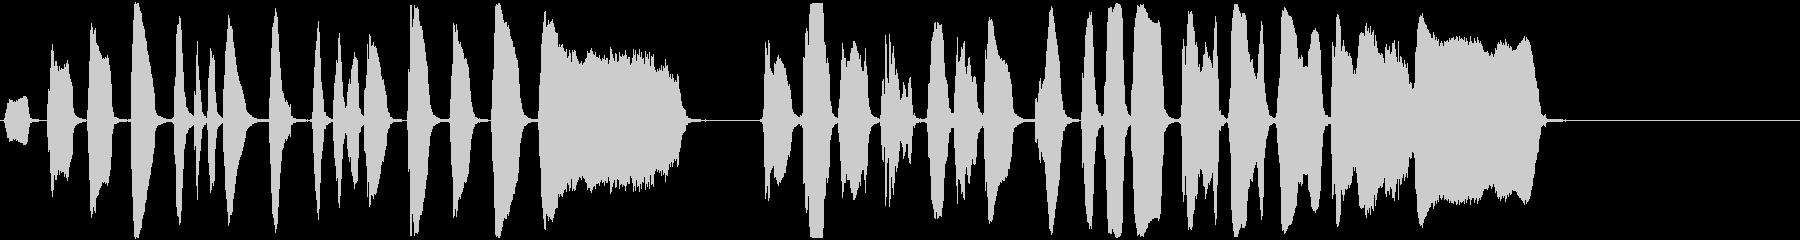 トランペット:アクセント、コミカル...の未再生の波形